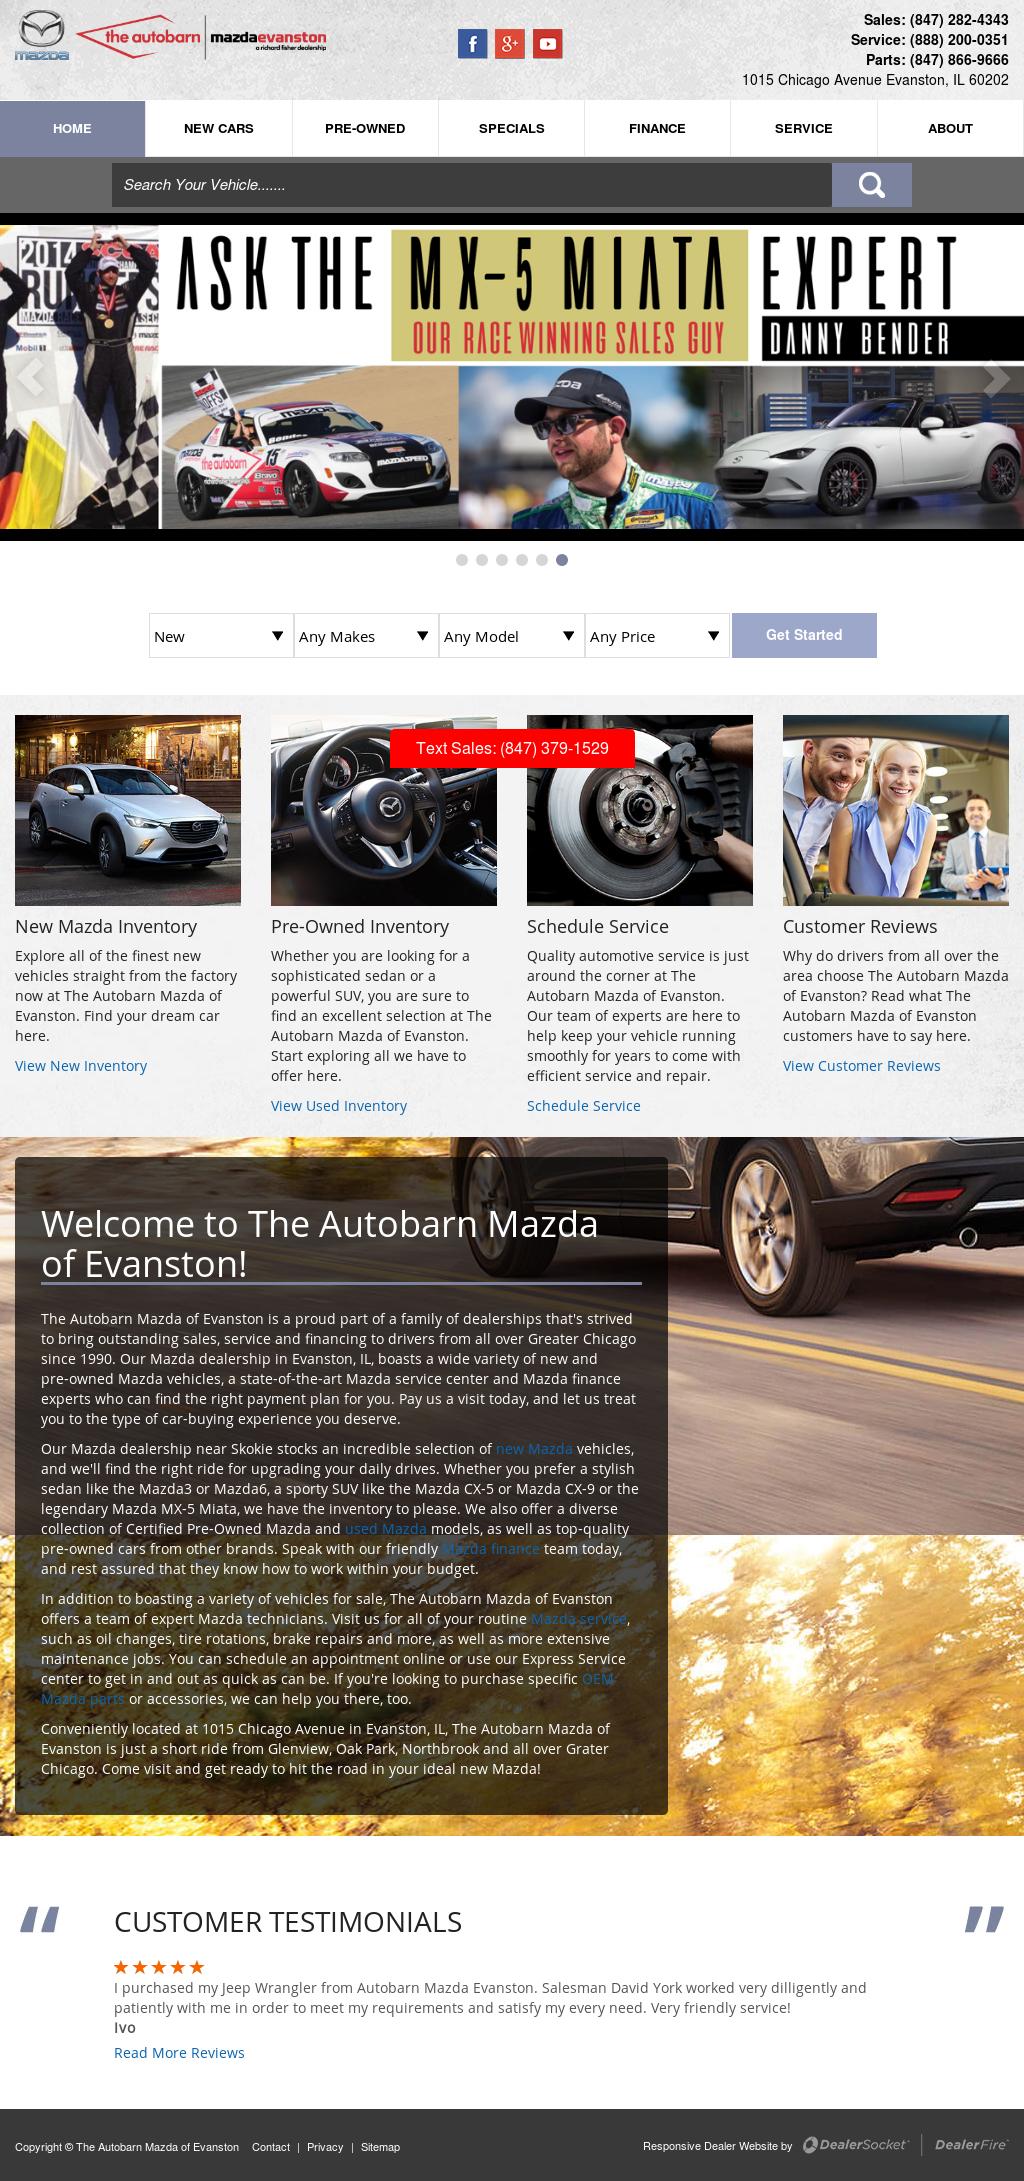 Autobarn Mazda Service - Ultimate Mazda